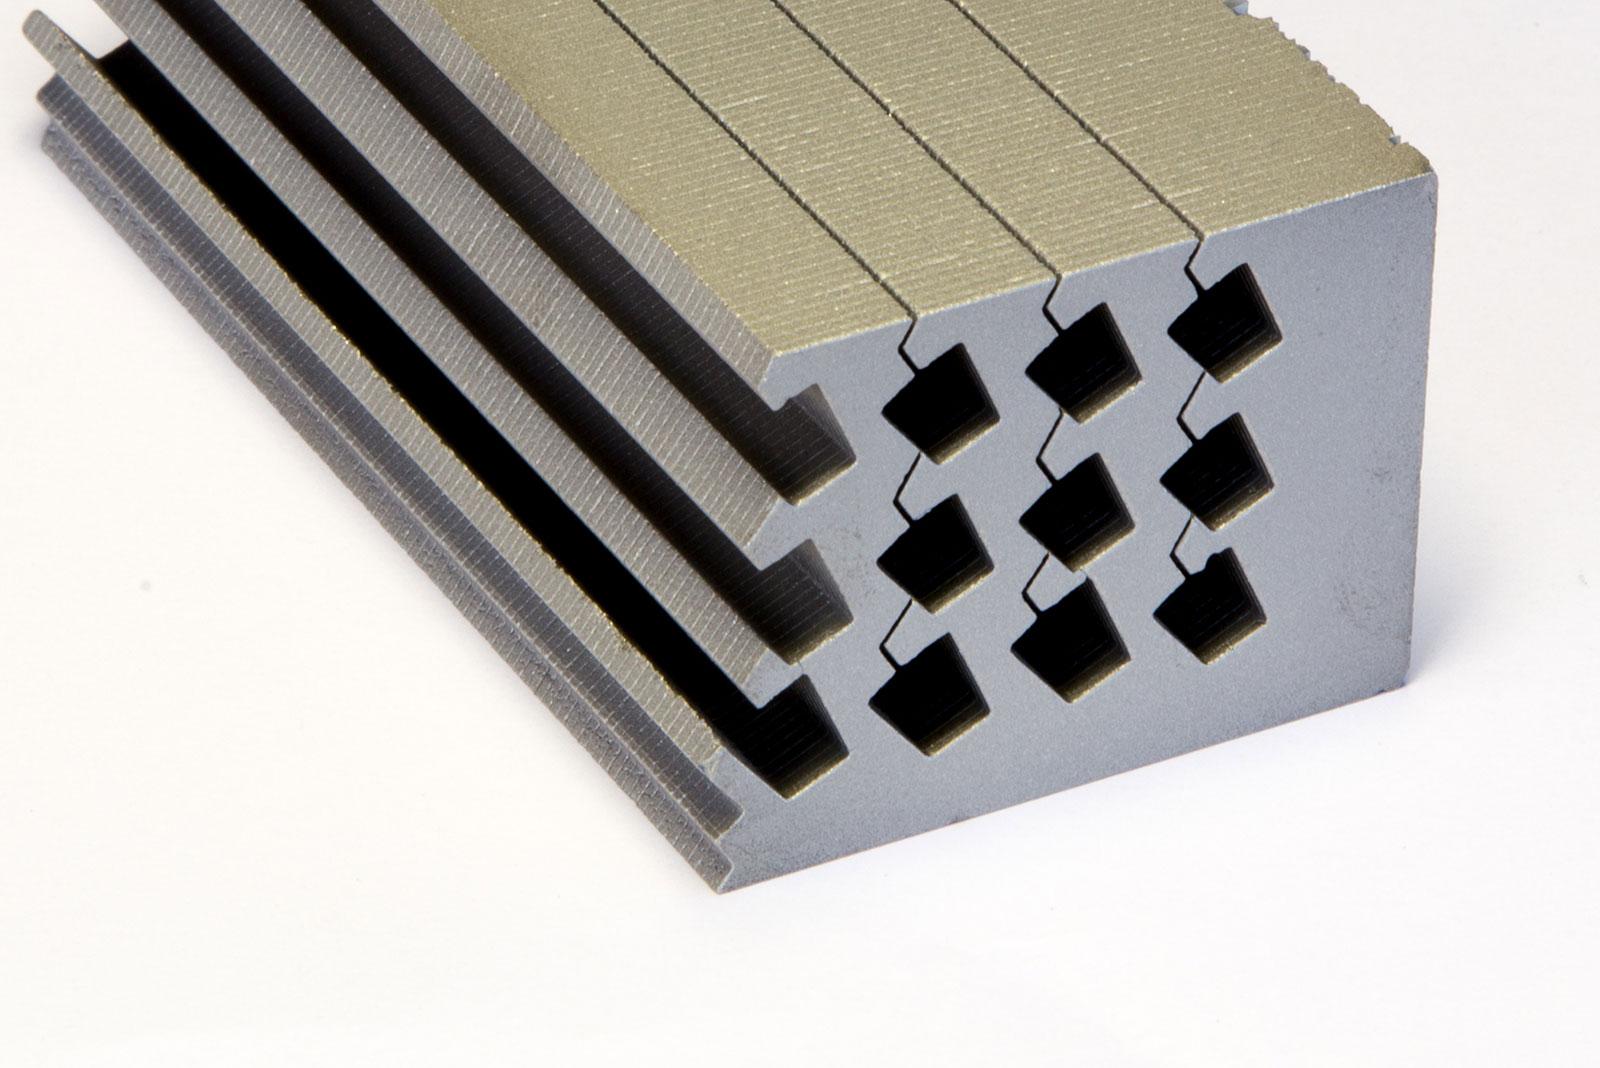 Laminated Rare Earth Magnets